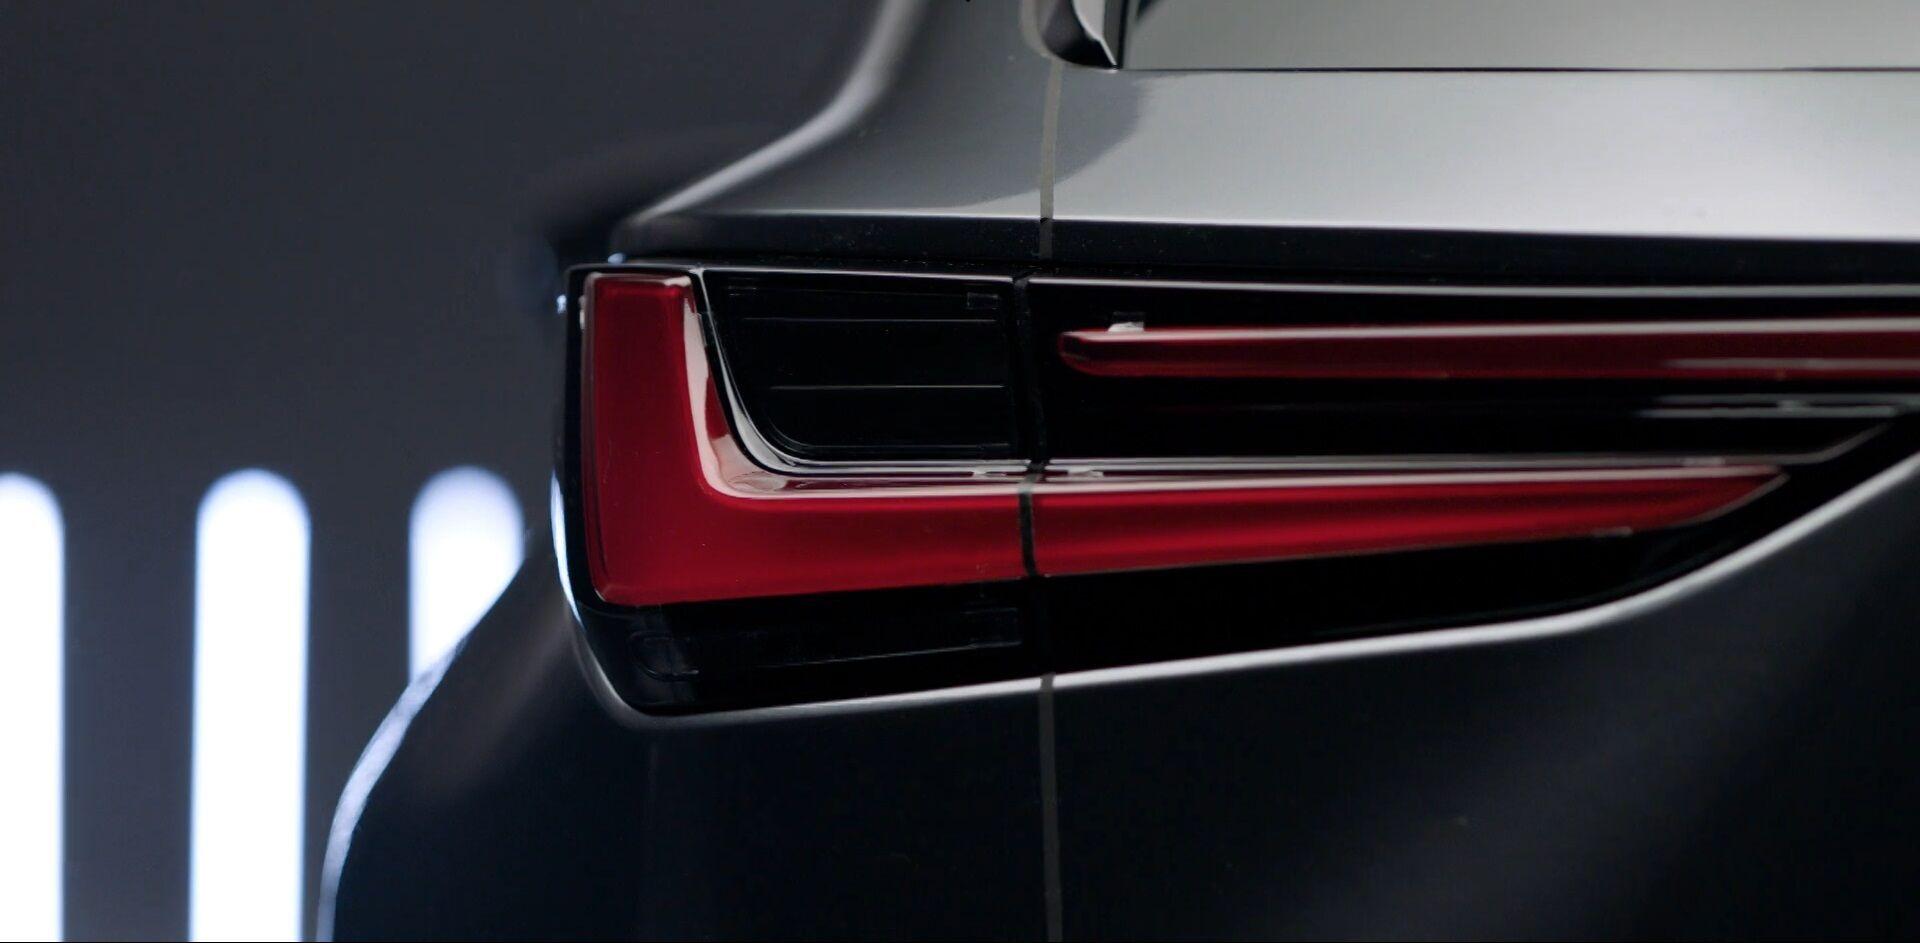 Стрілоподібні задні ліхтарі нового NX мають оригінальний дизайн